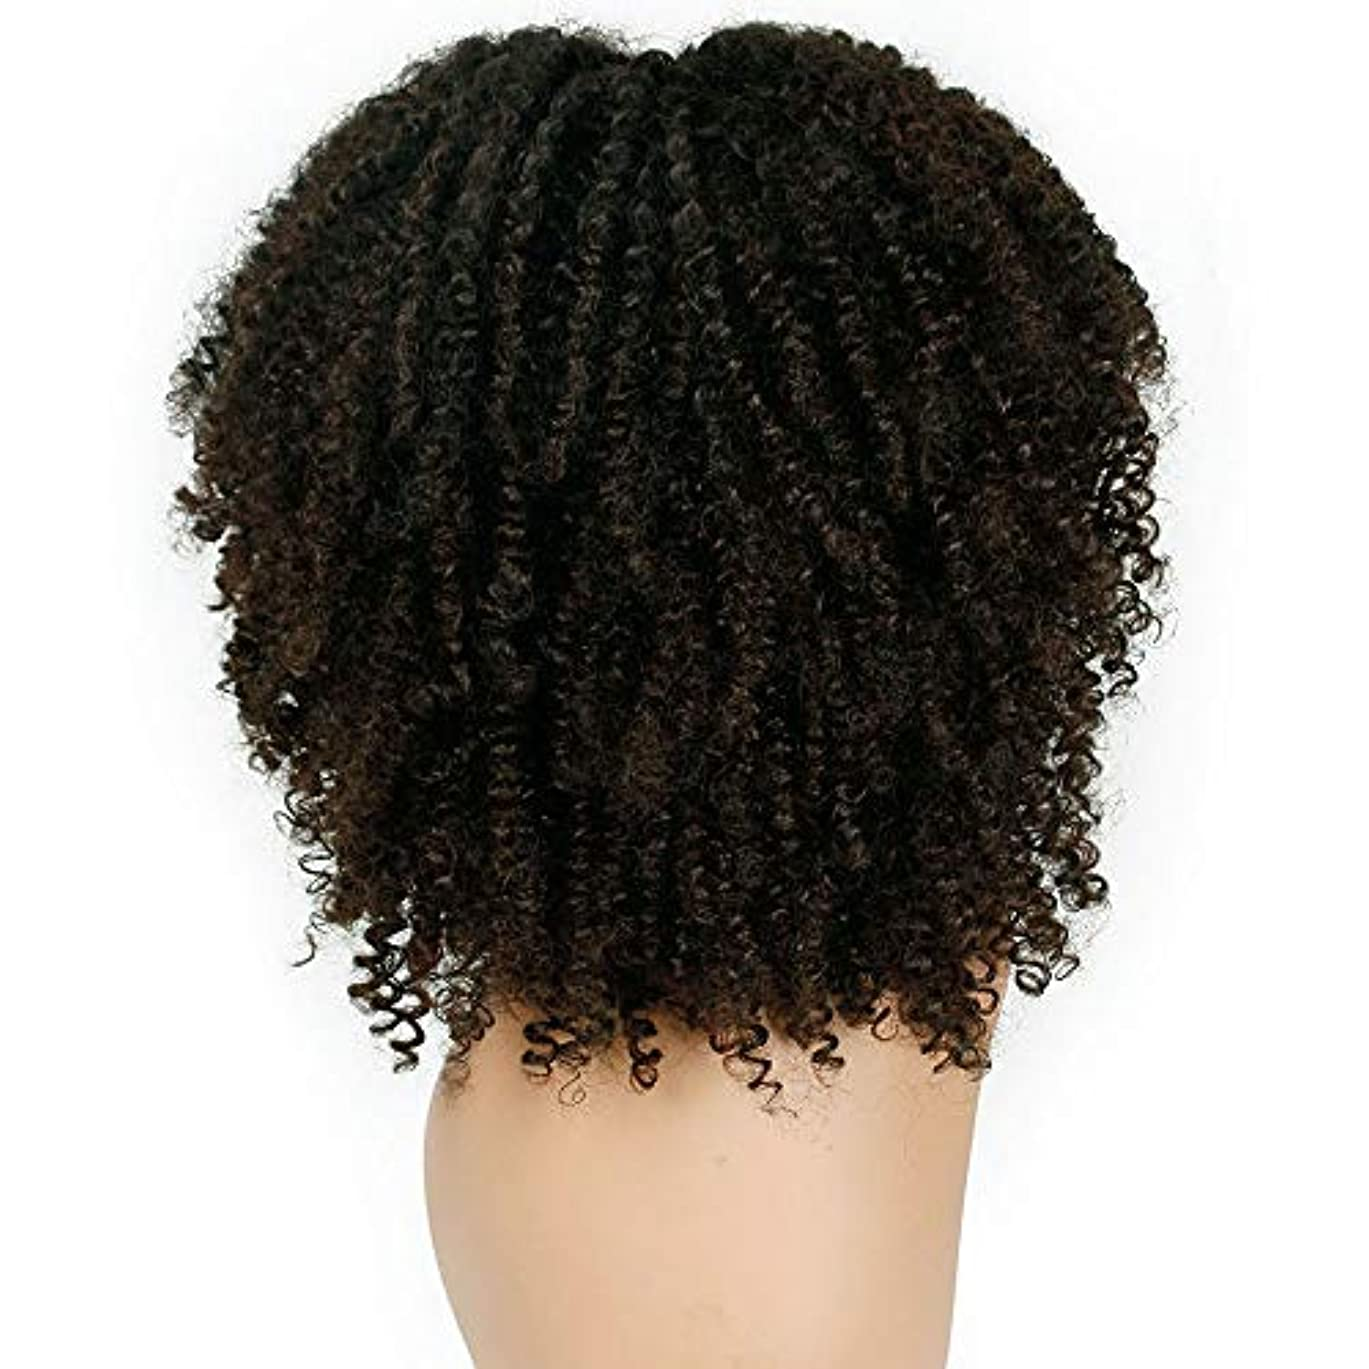 クラフト批判的に微弱女性かつらふわふわ爆発ヘッド巻き毛化学繊維かつら38 cm